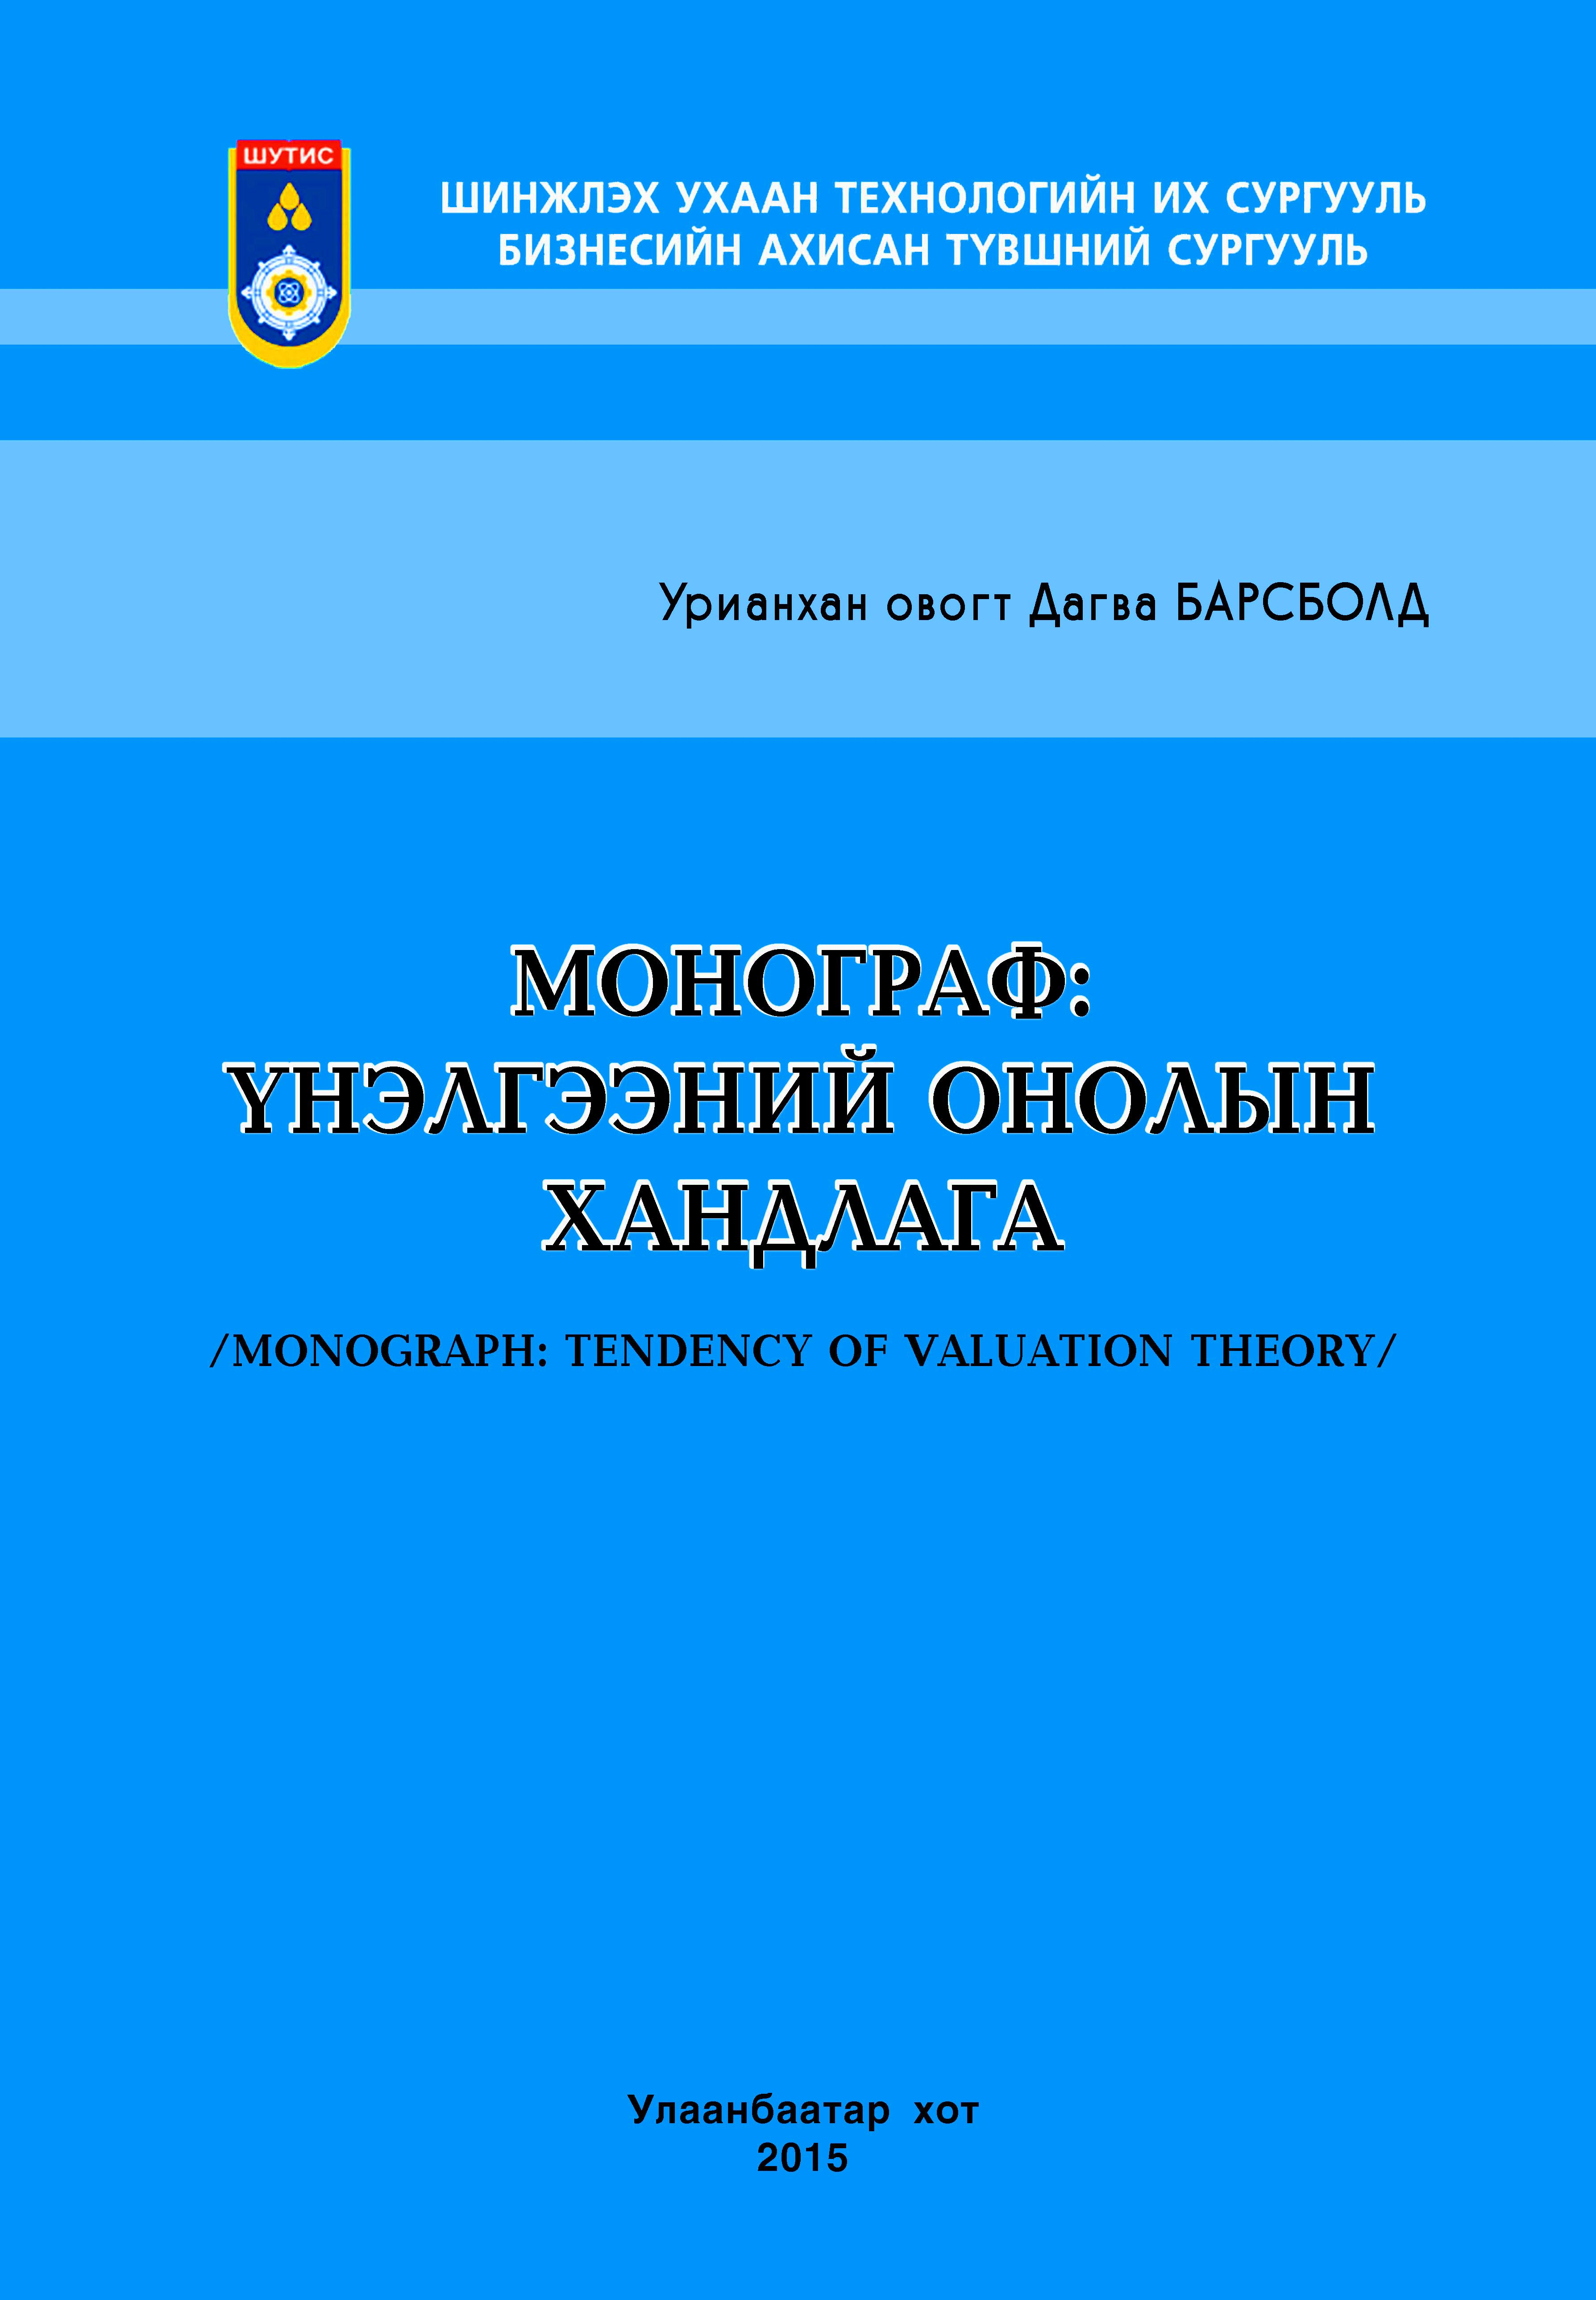 Монограф-Үнэлгээний онолын хандлага